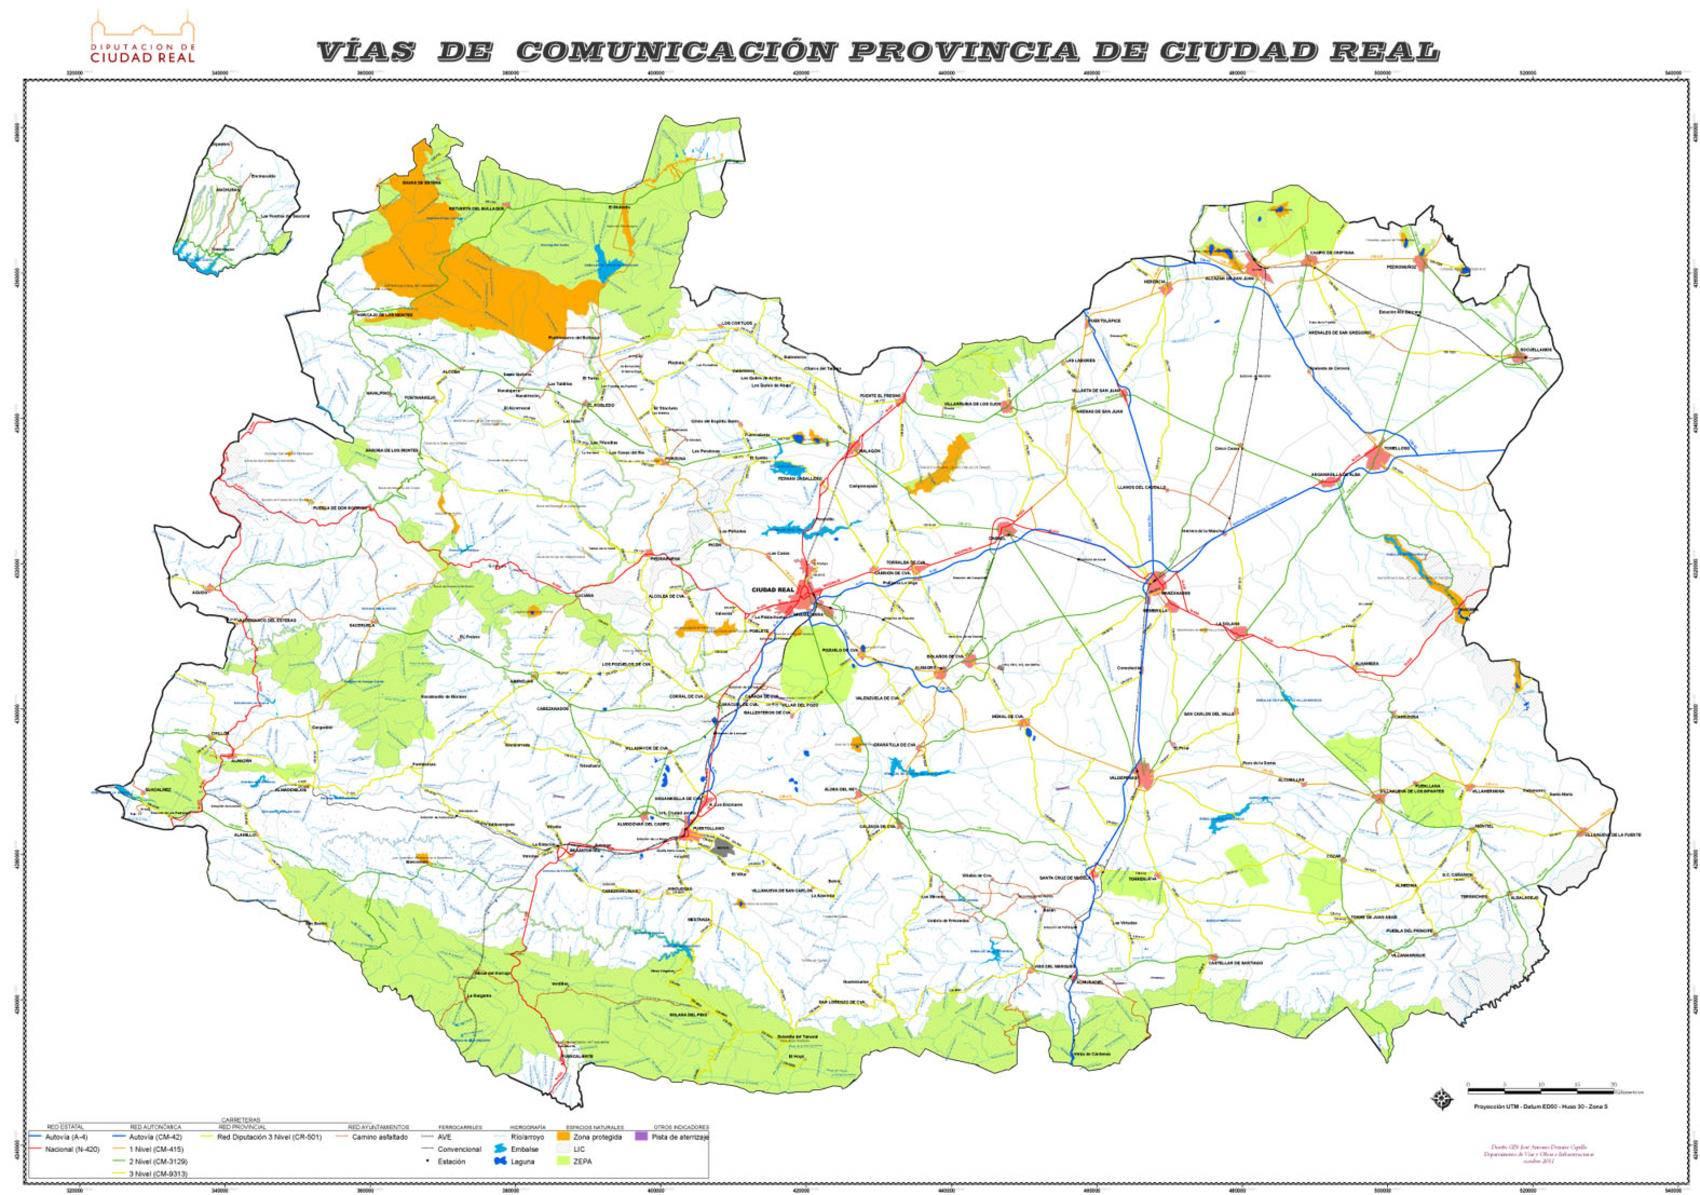 Mapa Provincial de Carreteras - La Diputación edita un mapa provincial de carreteras